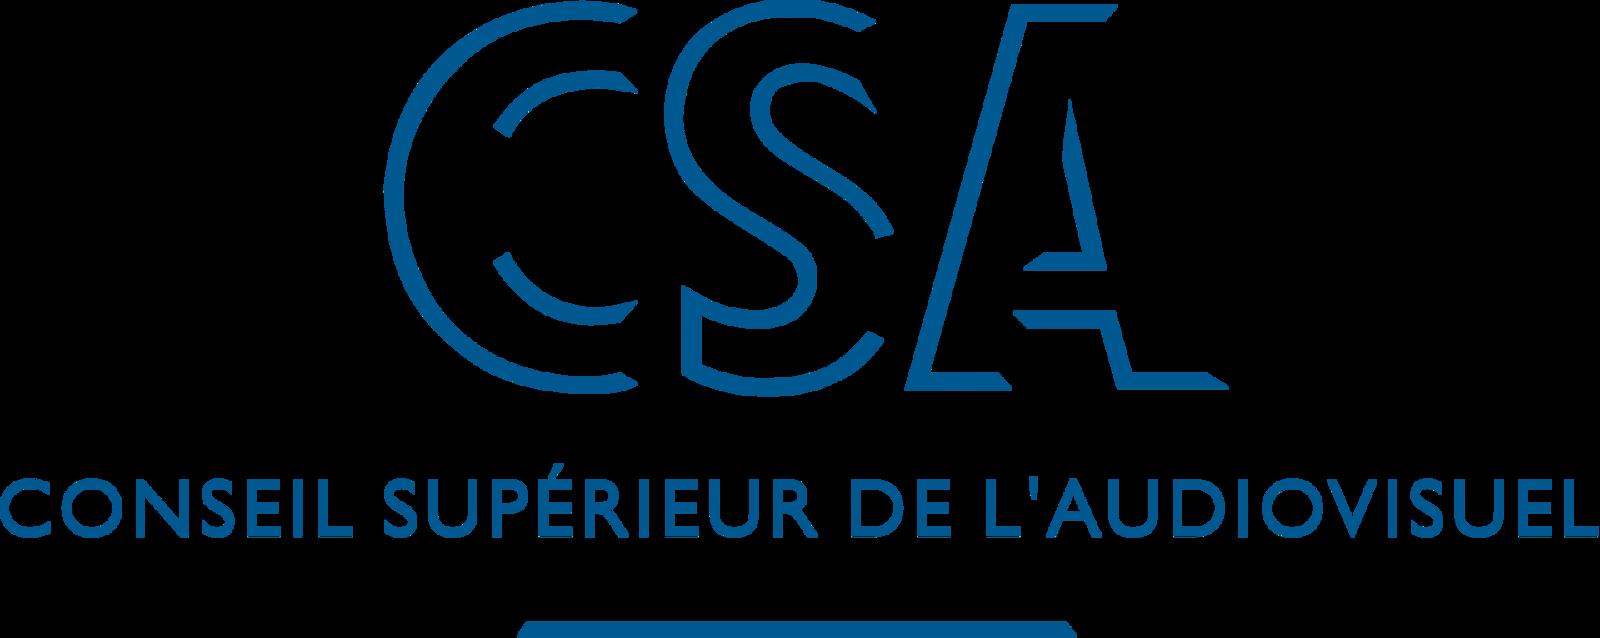 Le CSA a renouvelé les conventions de plusieurs services de télévision n'utilisant pas des fréquences assignées par le Conseil !